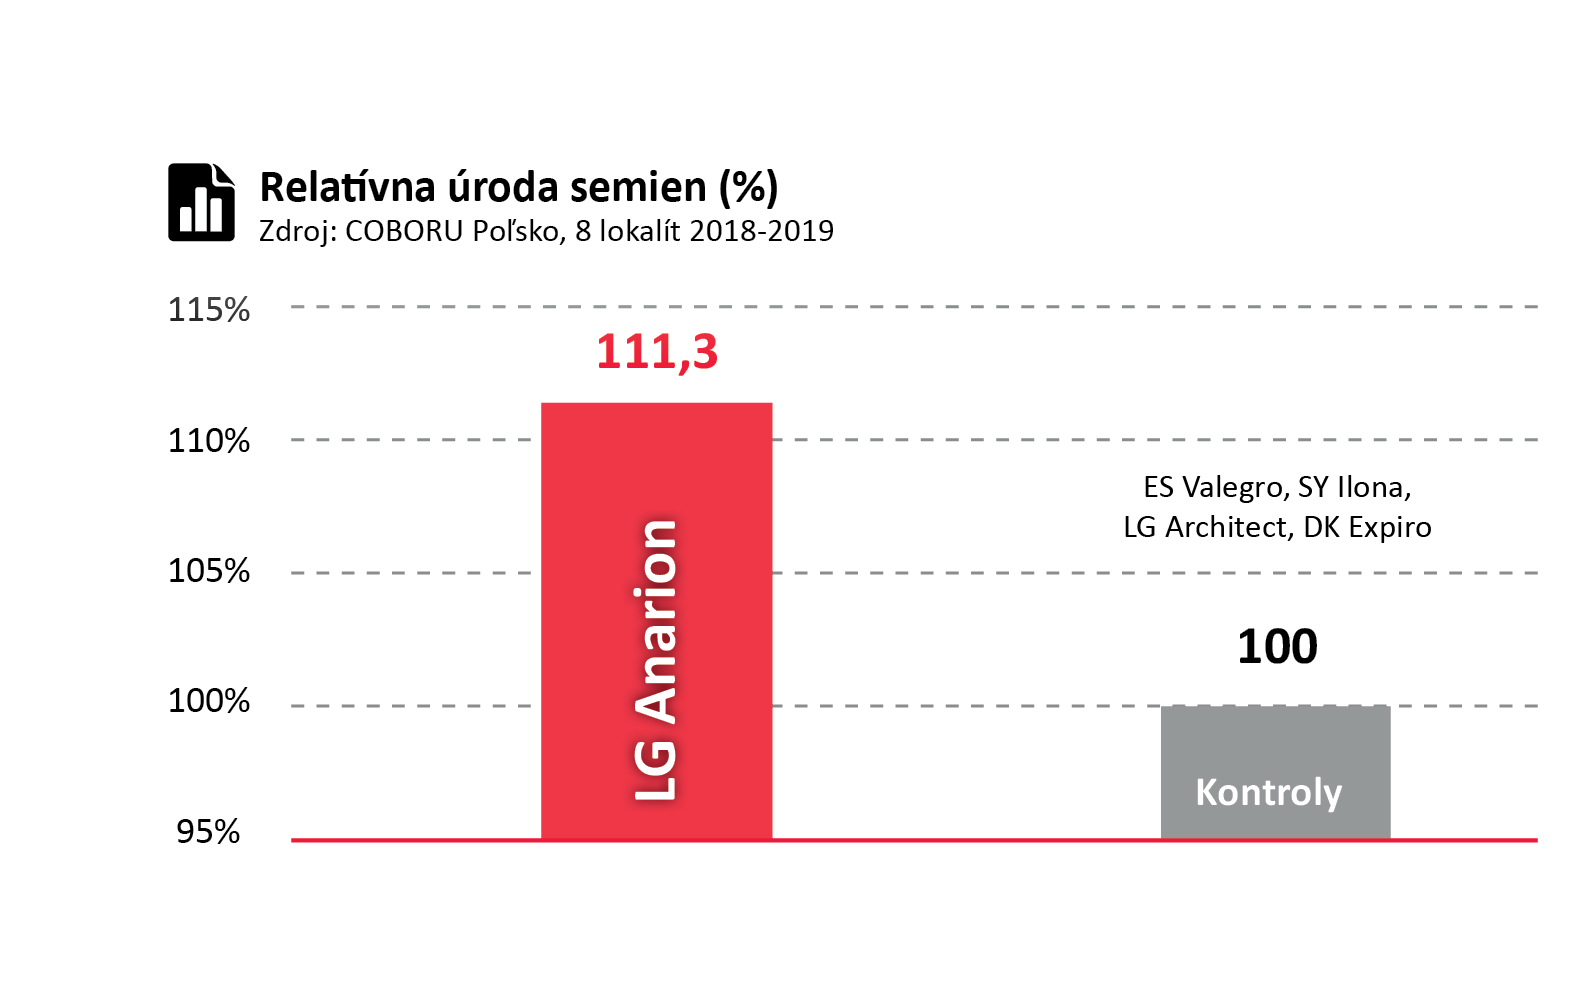 Relatívna úroda semien (%) hybridu LG Anarion